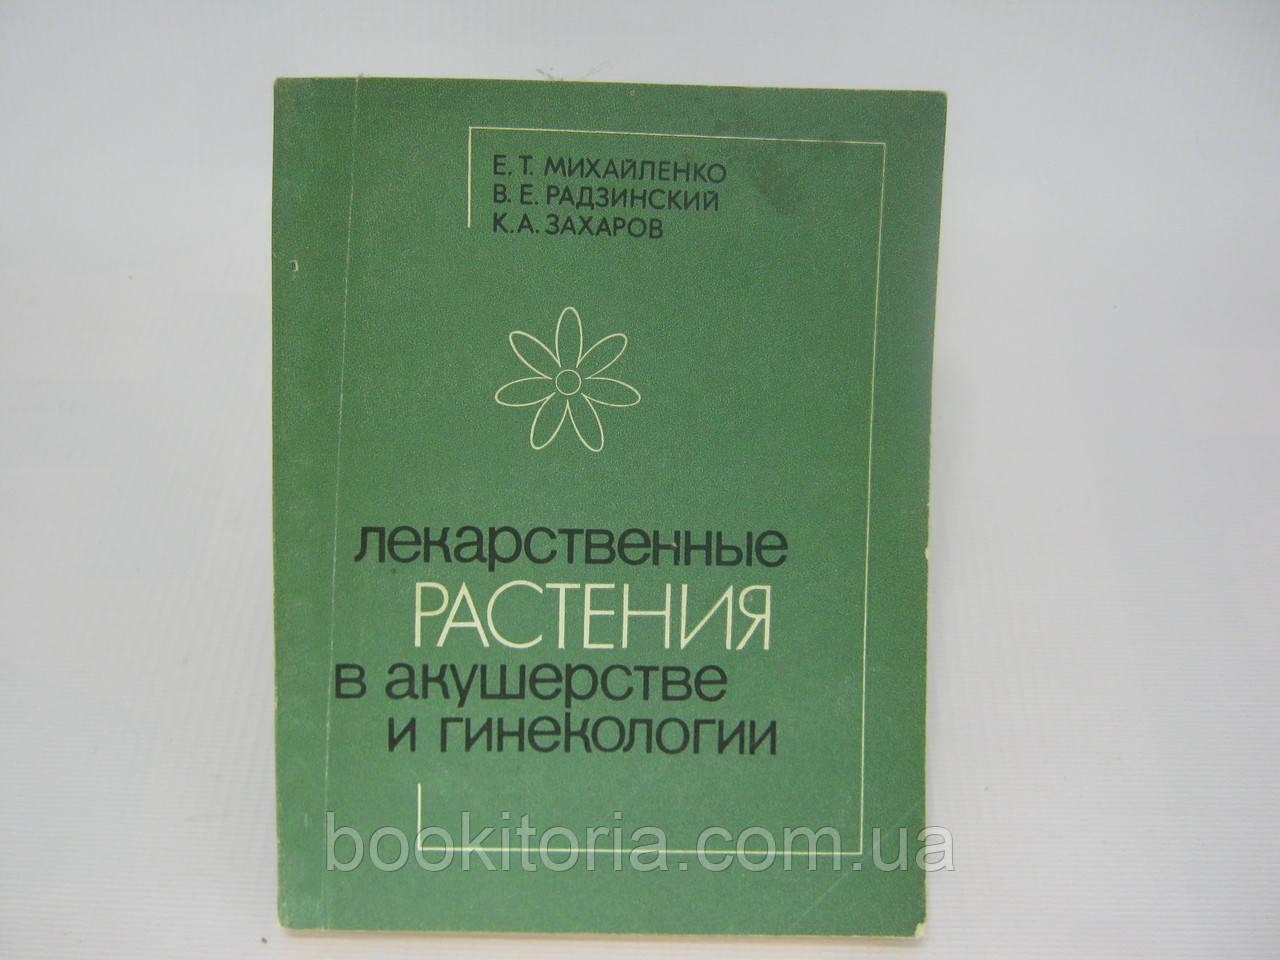 Михайленко Е.Т. и др. Лекарственные растения в акушерстве и гинекологии (б/у).